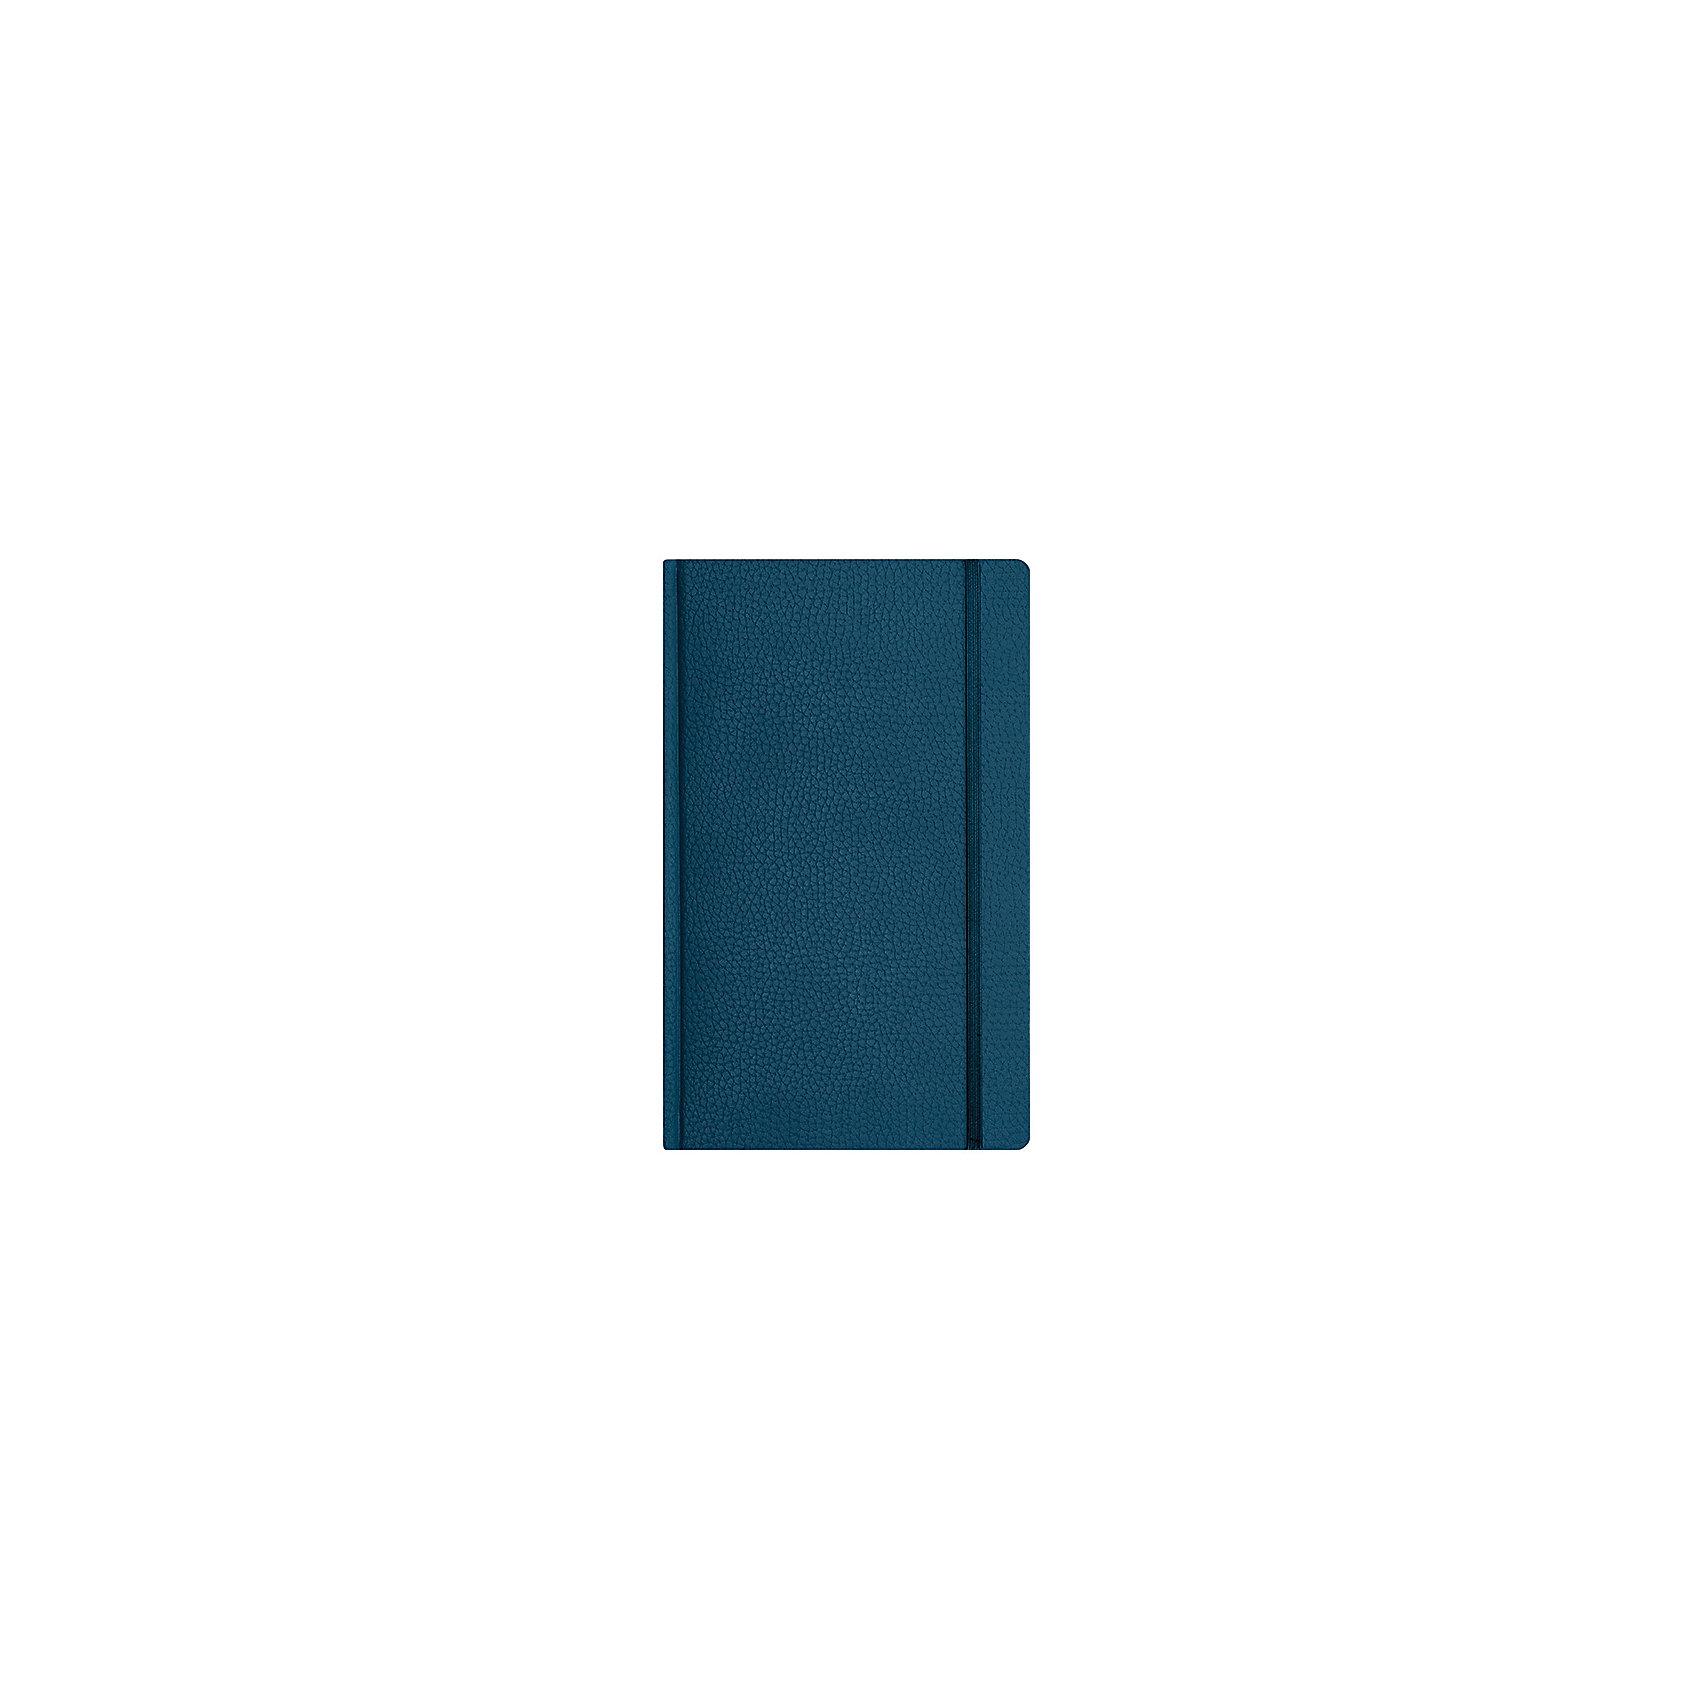 Записная книга, на резинке, 130х210, ARMONIA, Erich KrauseБумажная продукция<br>Записная книга, на резинке, 130х210, ARMONIA, Erich Krause.<br><br>Характеристики:<br><br>• Размер: 130x210 мм.<br>• Количество листов: 96<br>• Блок: сшитый, офсет 80 г/м2, линейка<br>• Вклеенная закладка<br>• Обложка: с закругленными углами, фиксирующей резинкой, петлей для ручки<br>• Материал обложки: картон, искусственная крупнофактурная кожа<br>• Цвет: темно-синий<br><br>Надежная твердая обложка из плотного картона, обтянутого искусственной крупнофактурной кожей, сохранит ее в аккуратном состоянии на протяжении всего времени использования. В начале книжки имеется страничка для заполнения личных данных владельца, четыре страницы для заполнения адресов, телефонов и интернет-почты и четыре страницы для заполнения сайтов и ссылок. <br><br>Записную книгу, на резинке, 130х210, ARMONIA, Erich Krause можно купить в нашем интернет-магазине.<br><br>Ширина мм: 130<br>Глубина мм: 210<br>Высота мм: 150<br>Вес г: 315<br>Возраст от месяцев: 204<br>Возраст до месяцев: 2147483647<br>Пол: Унисекс<br>Возраст: Детский<br>SKU: 5543316